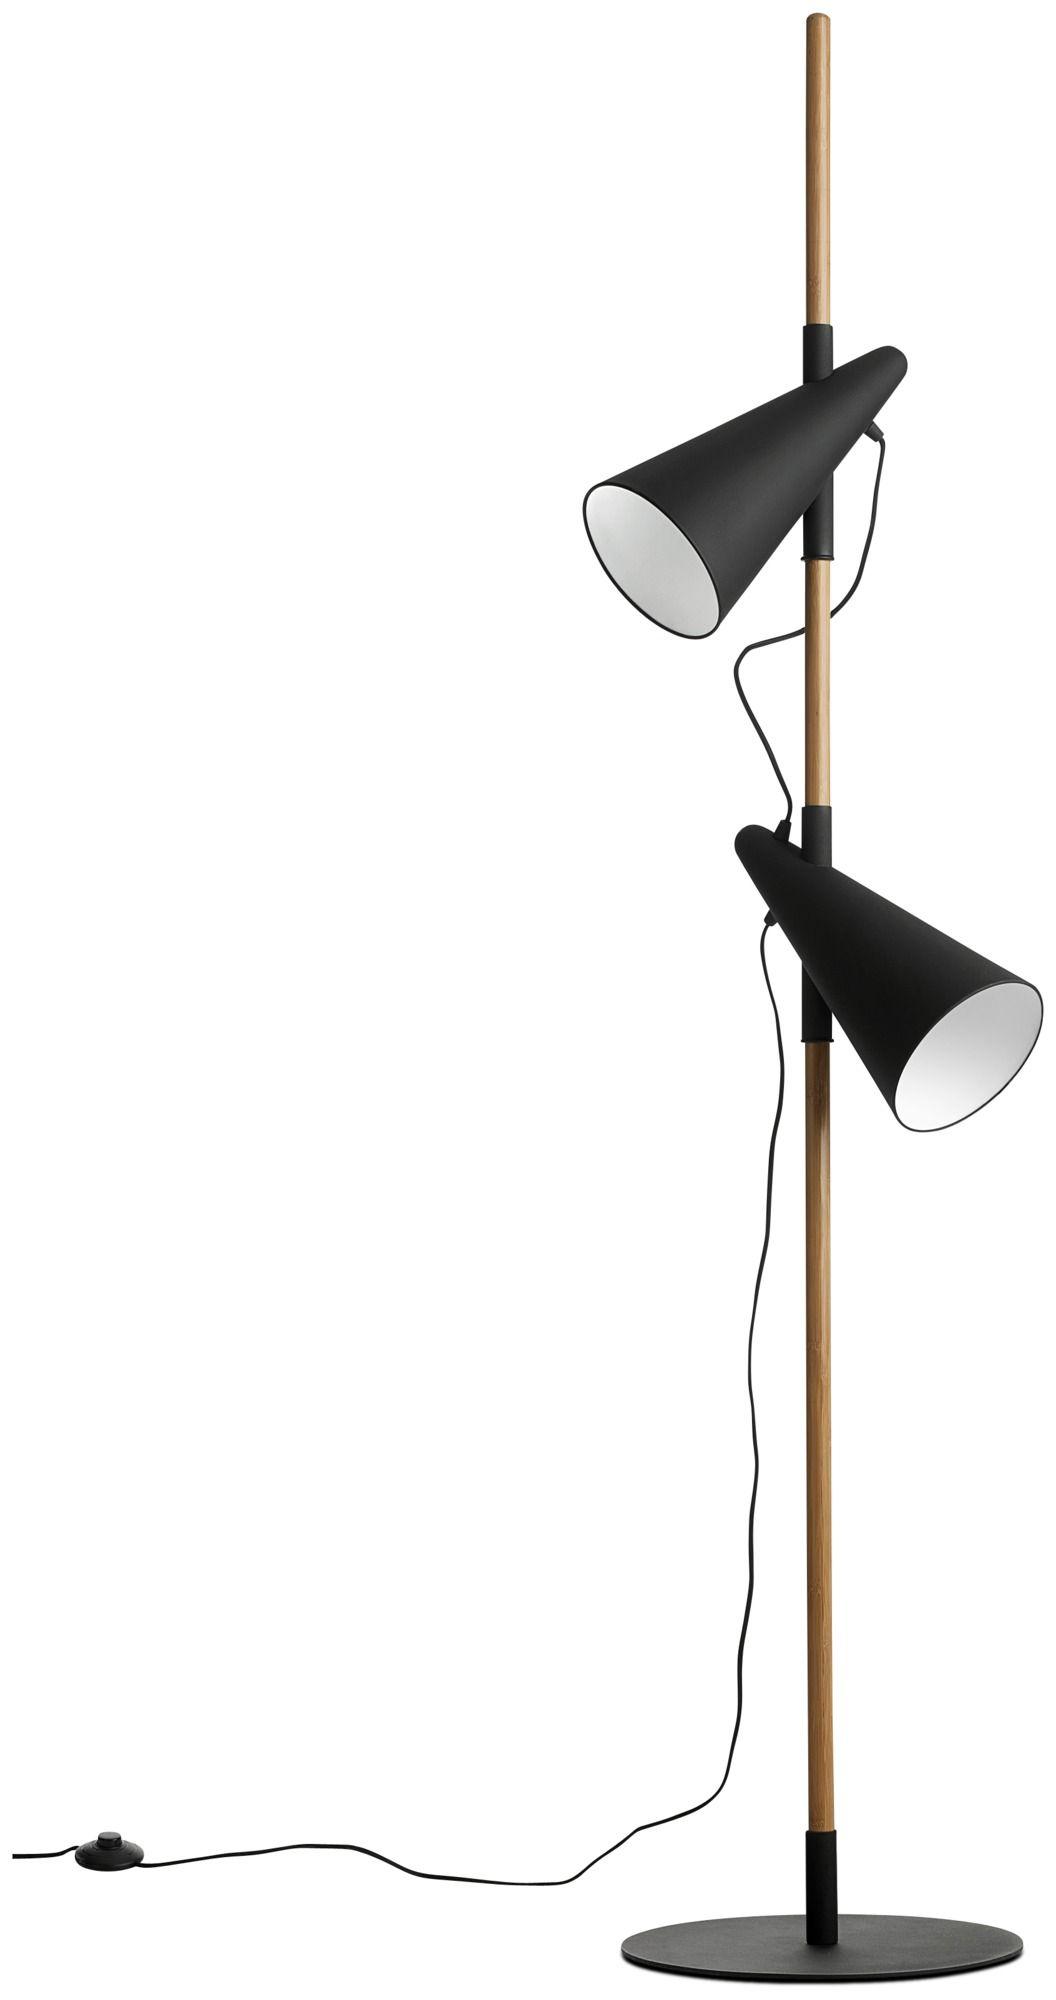 moderne designer lampen online kaufen boconcept licht. Black Bedroom Furniture Sets. Home Design Ideas